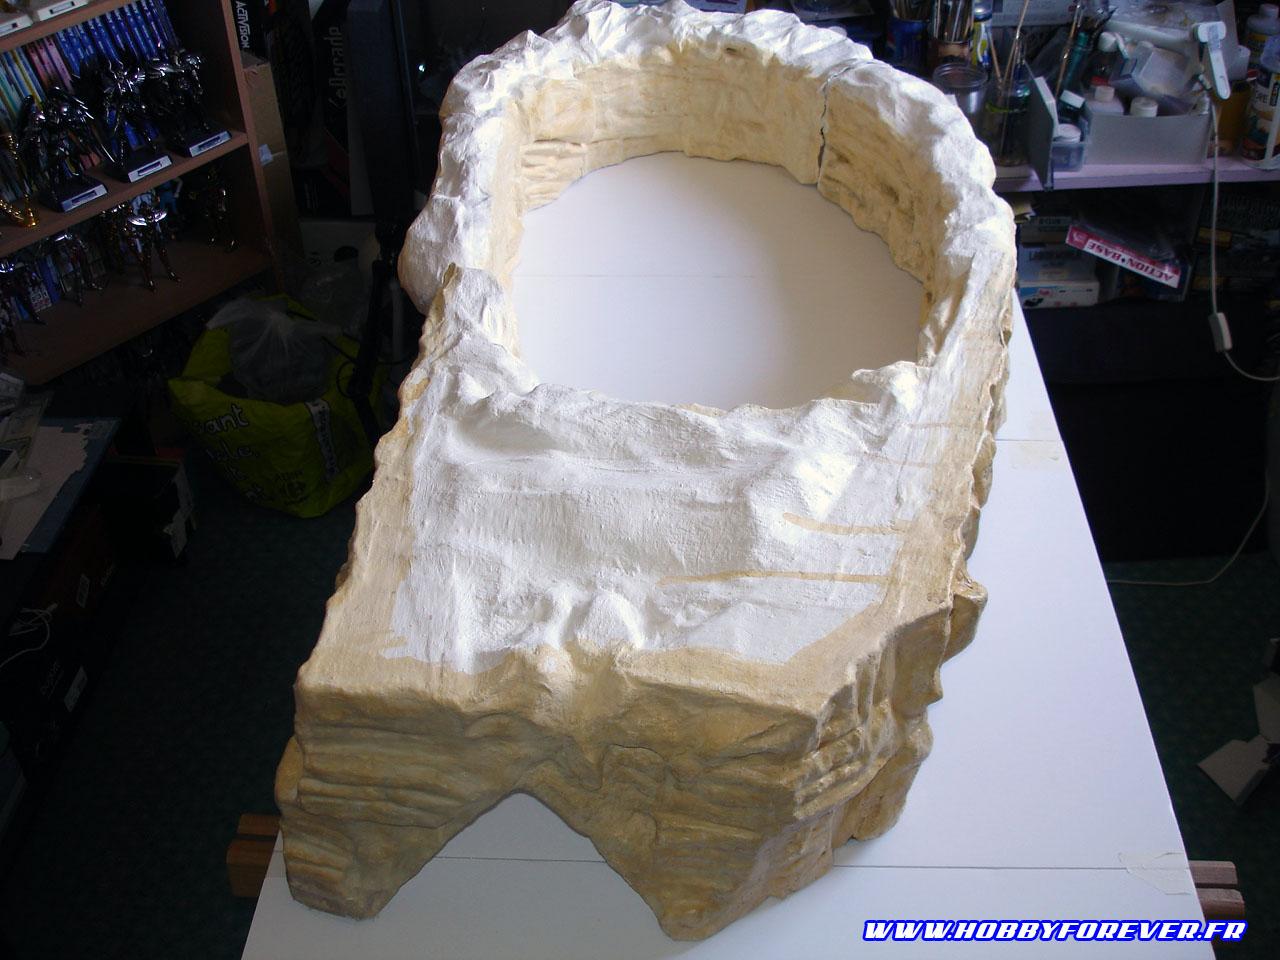 Les falaises fixées sur la base et ajustées